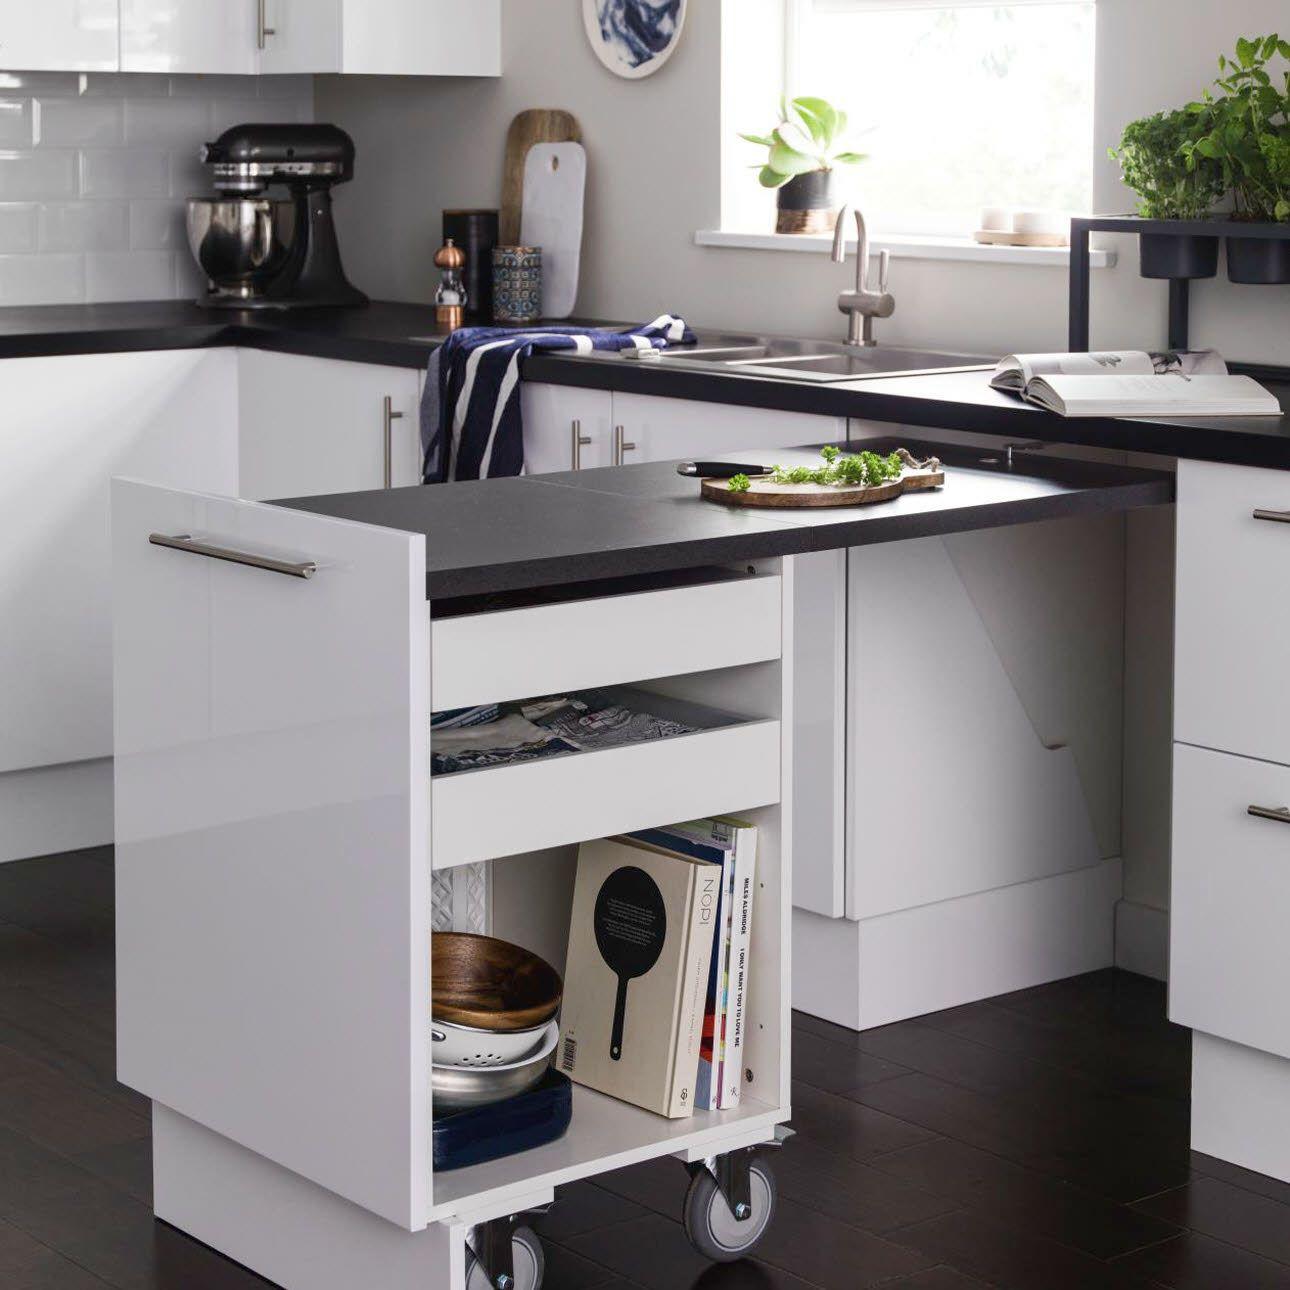 ewe komfortwunder komfort work mit einer handbewegung zu einem zus tzlichen arbeitsplatz und. Black Bedroom Furniture Sets. Home Design Ideas